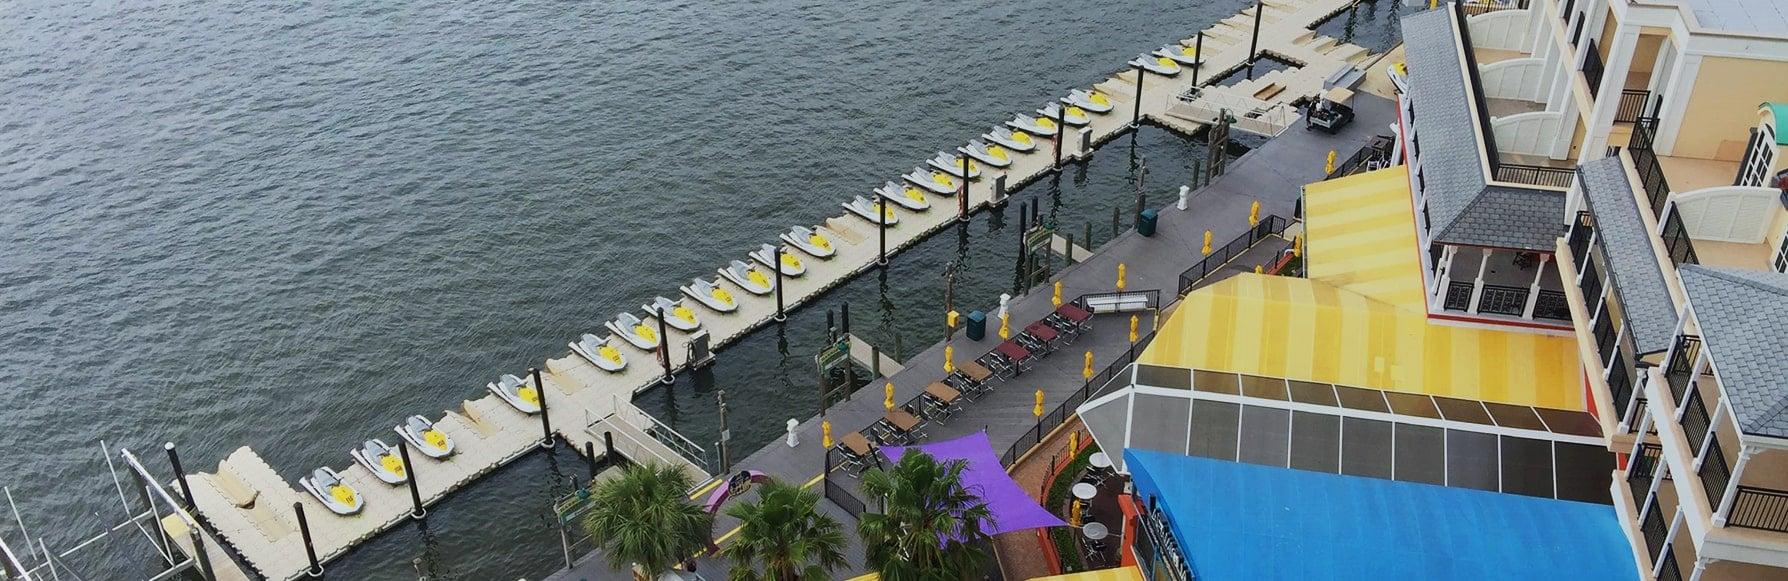 Floating docks - Modular Plastic Floating Dock   Candock